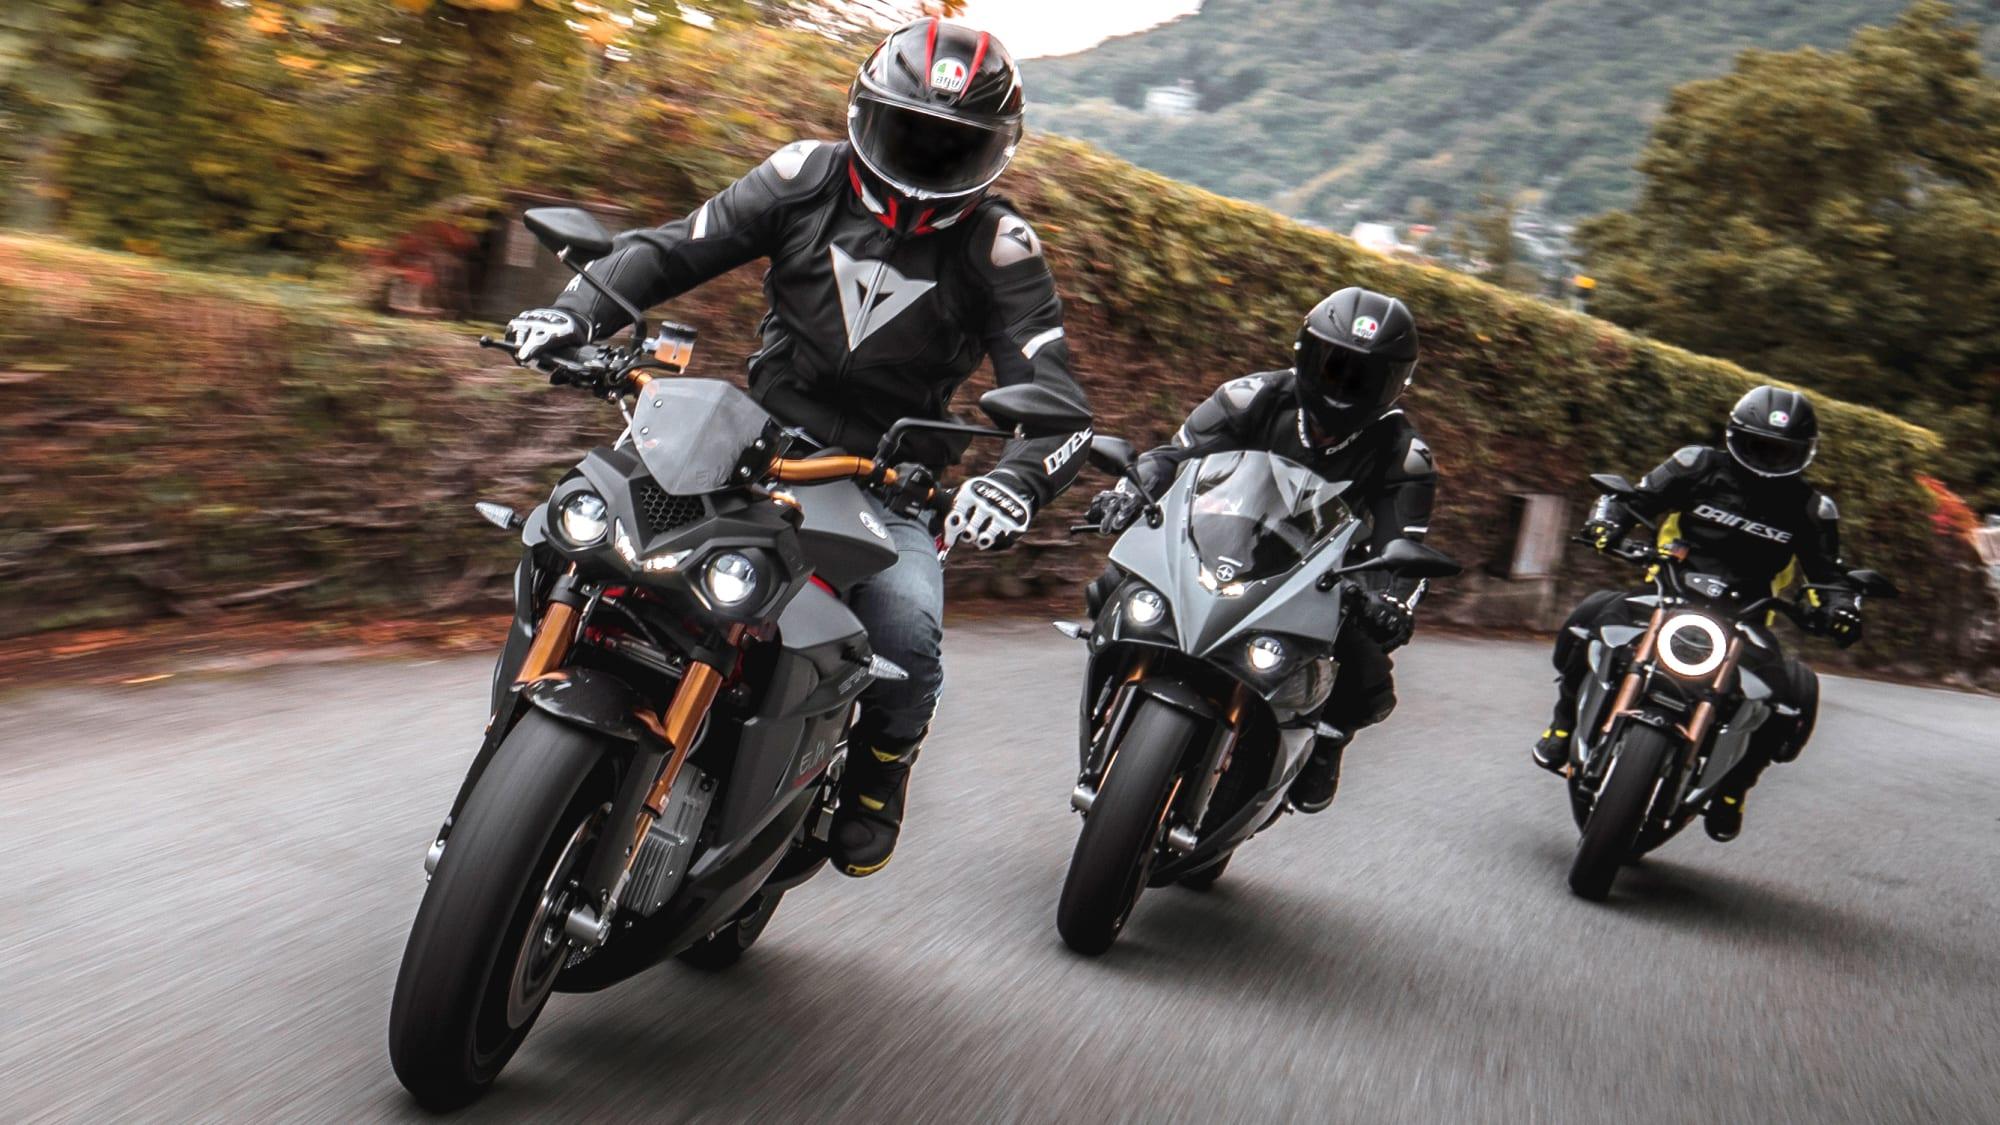 Motorradreihe von Energica